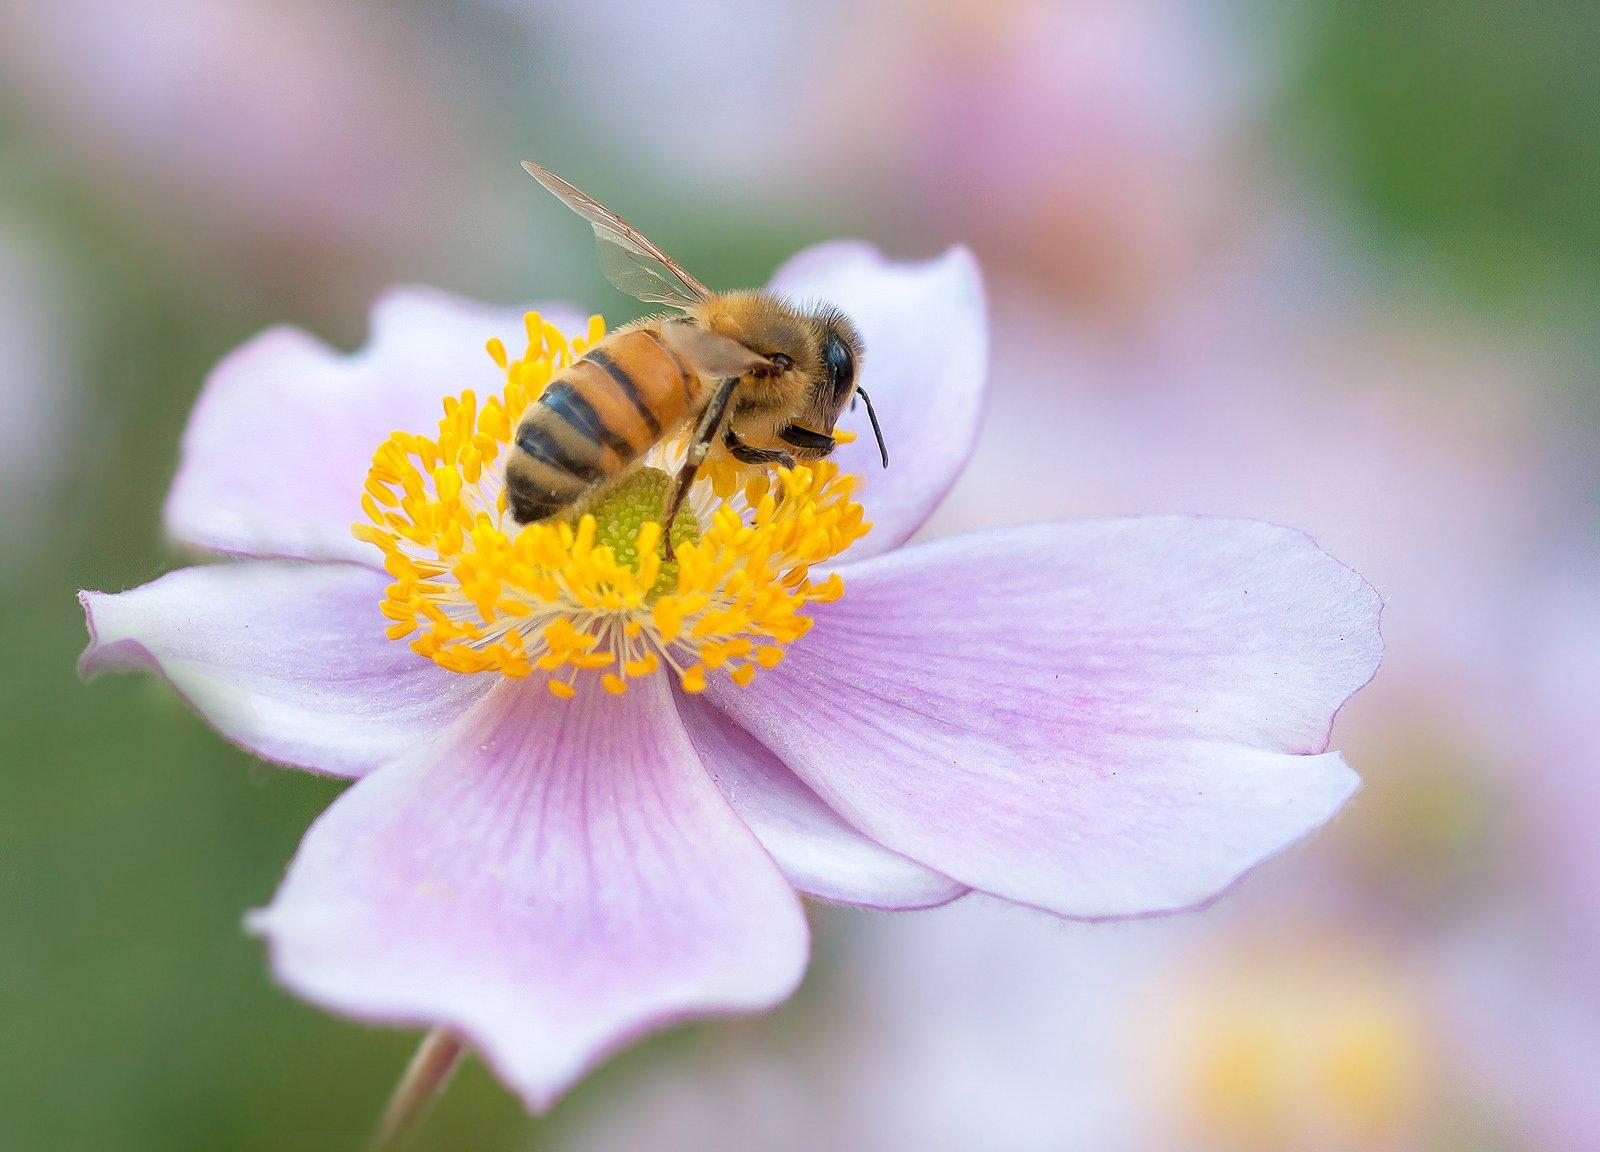 макро,цветы,анемоны,лепестки,лето,свет,желтый,розовый,тычинки,природа,растения,пчела,, Антонина Яновска